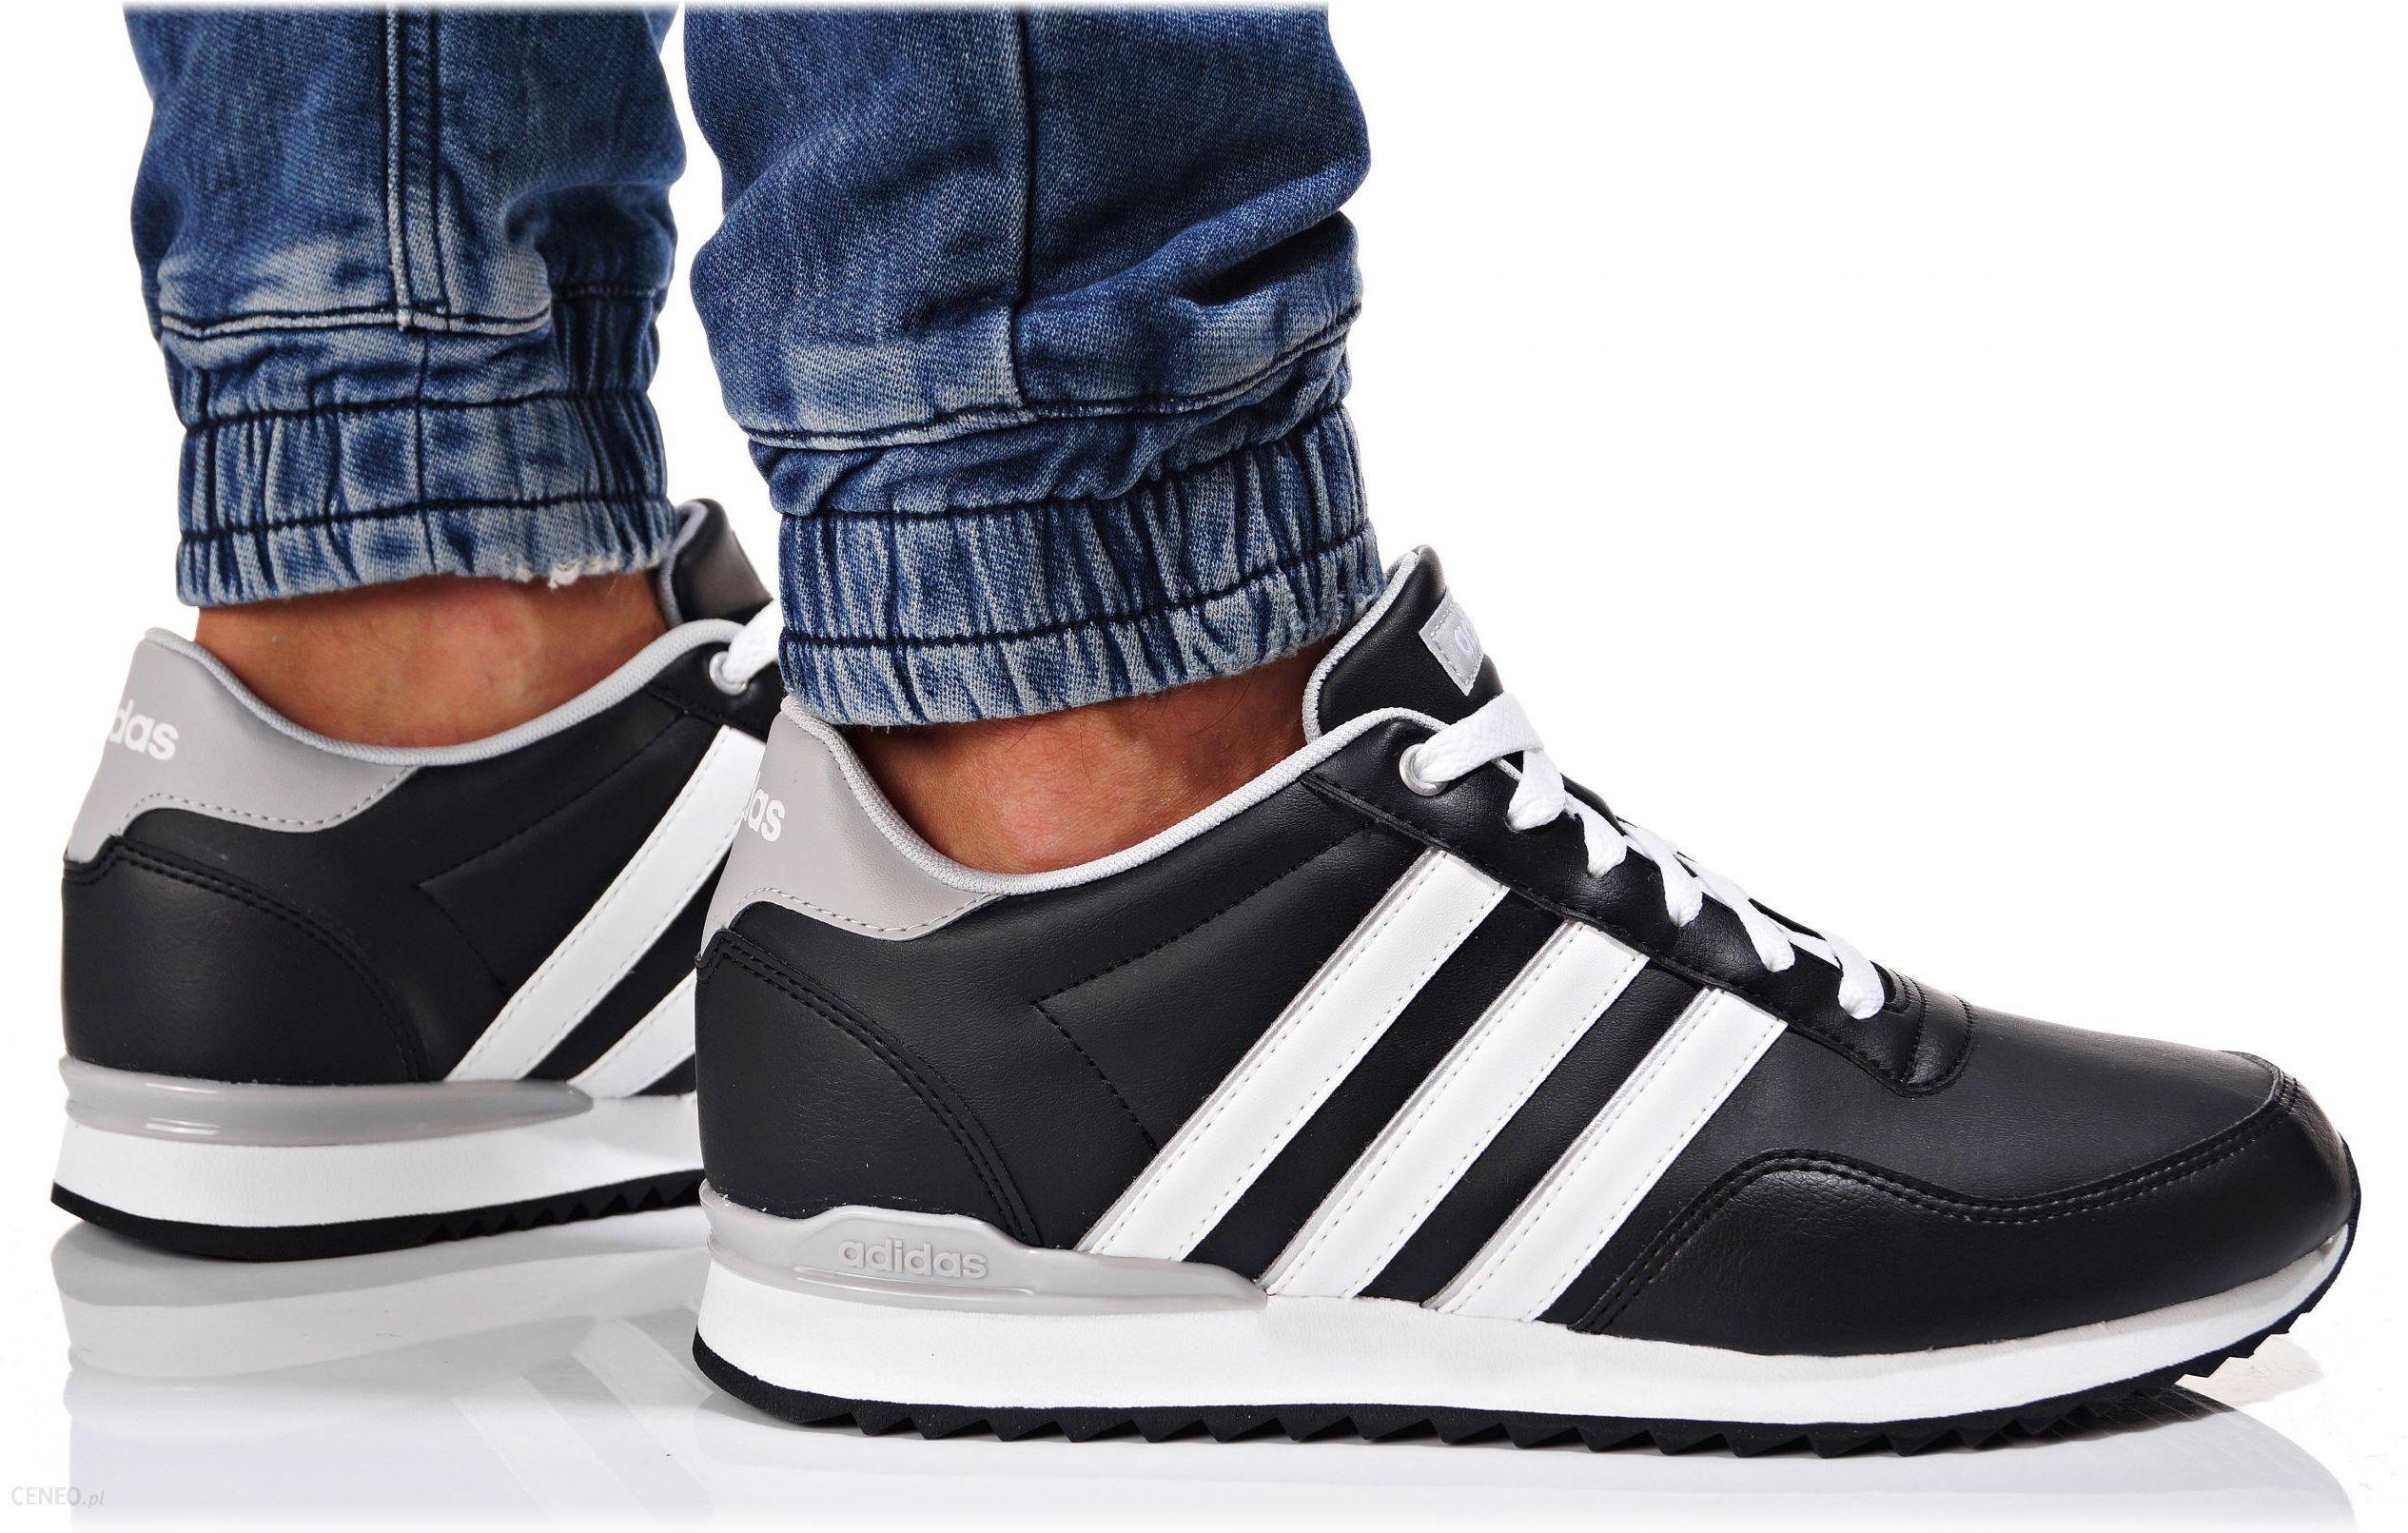 tanie buty adidas męskie